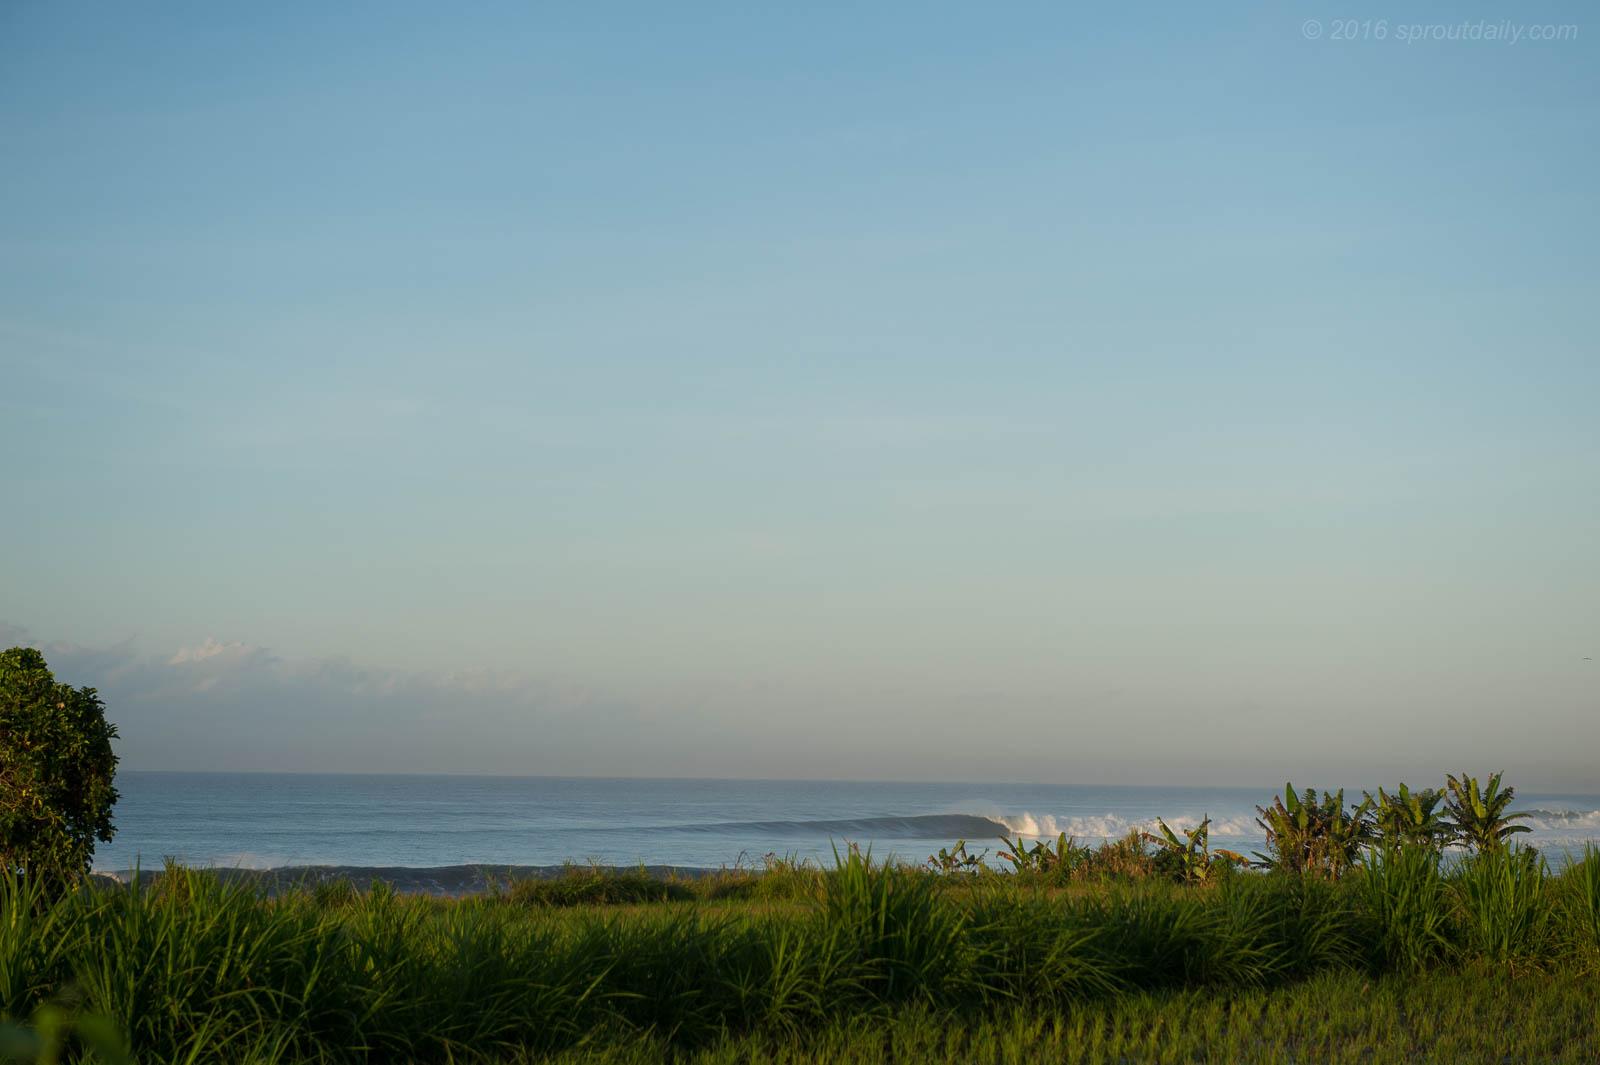 East Coast Bali gem. - Sproutdaily.com